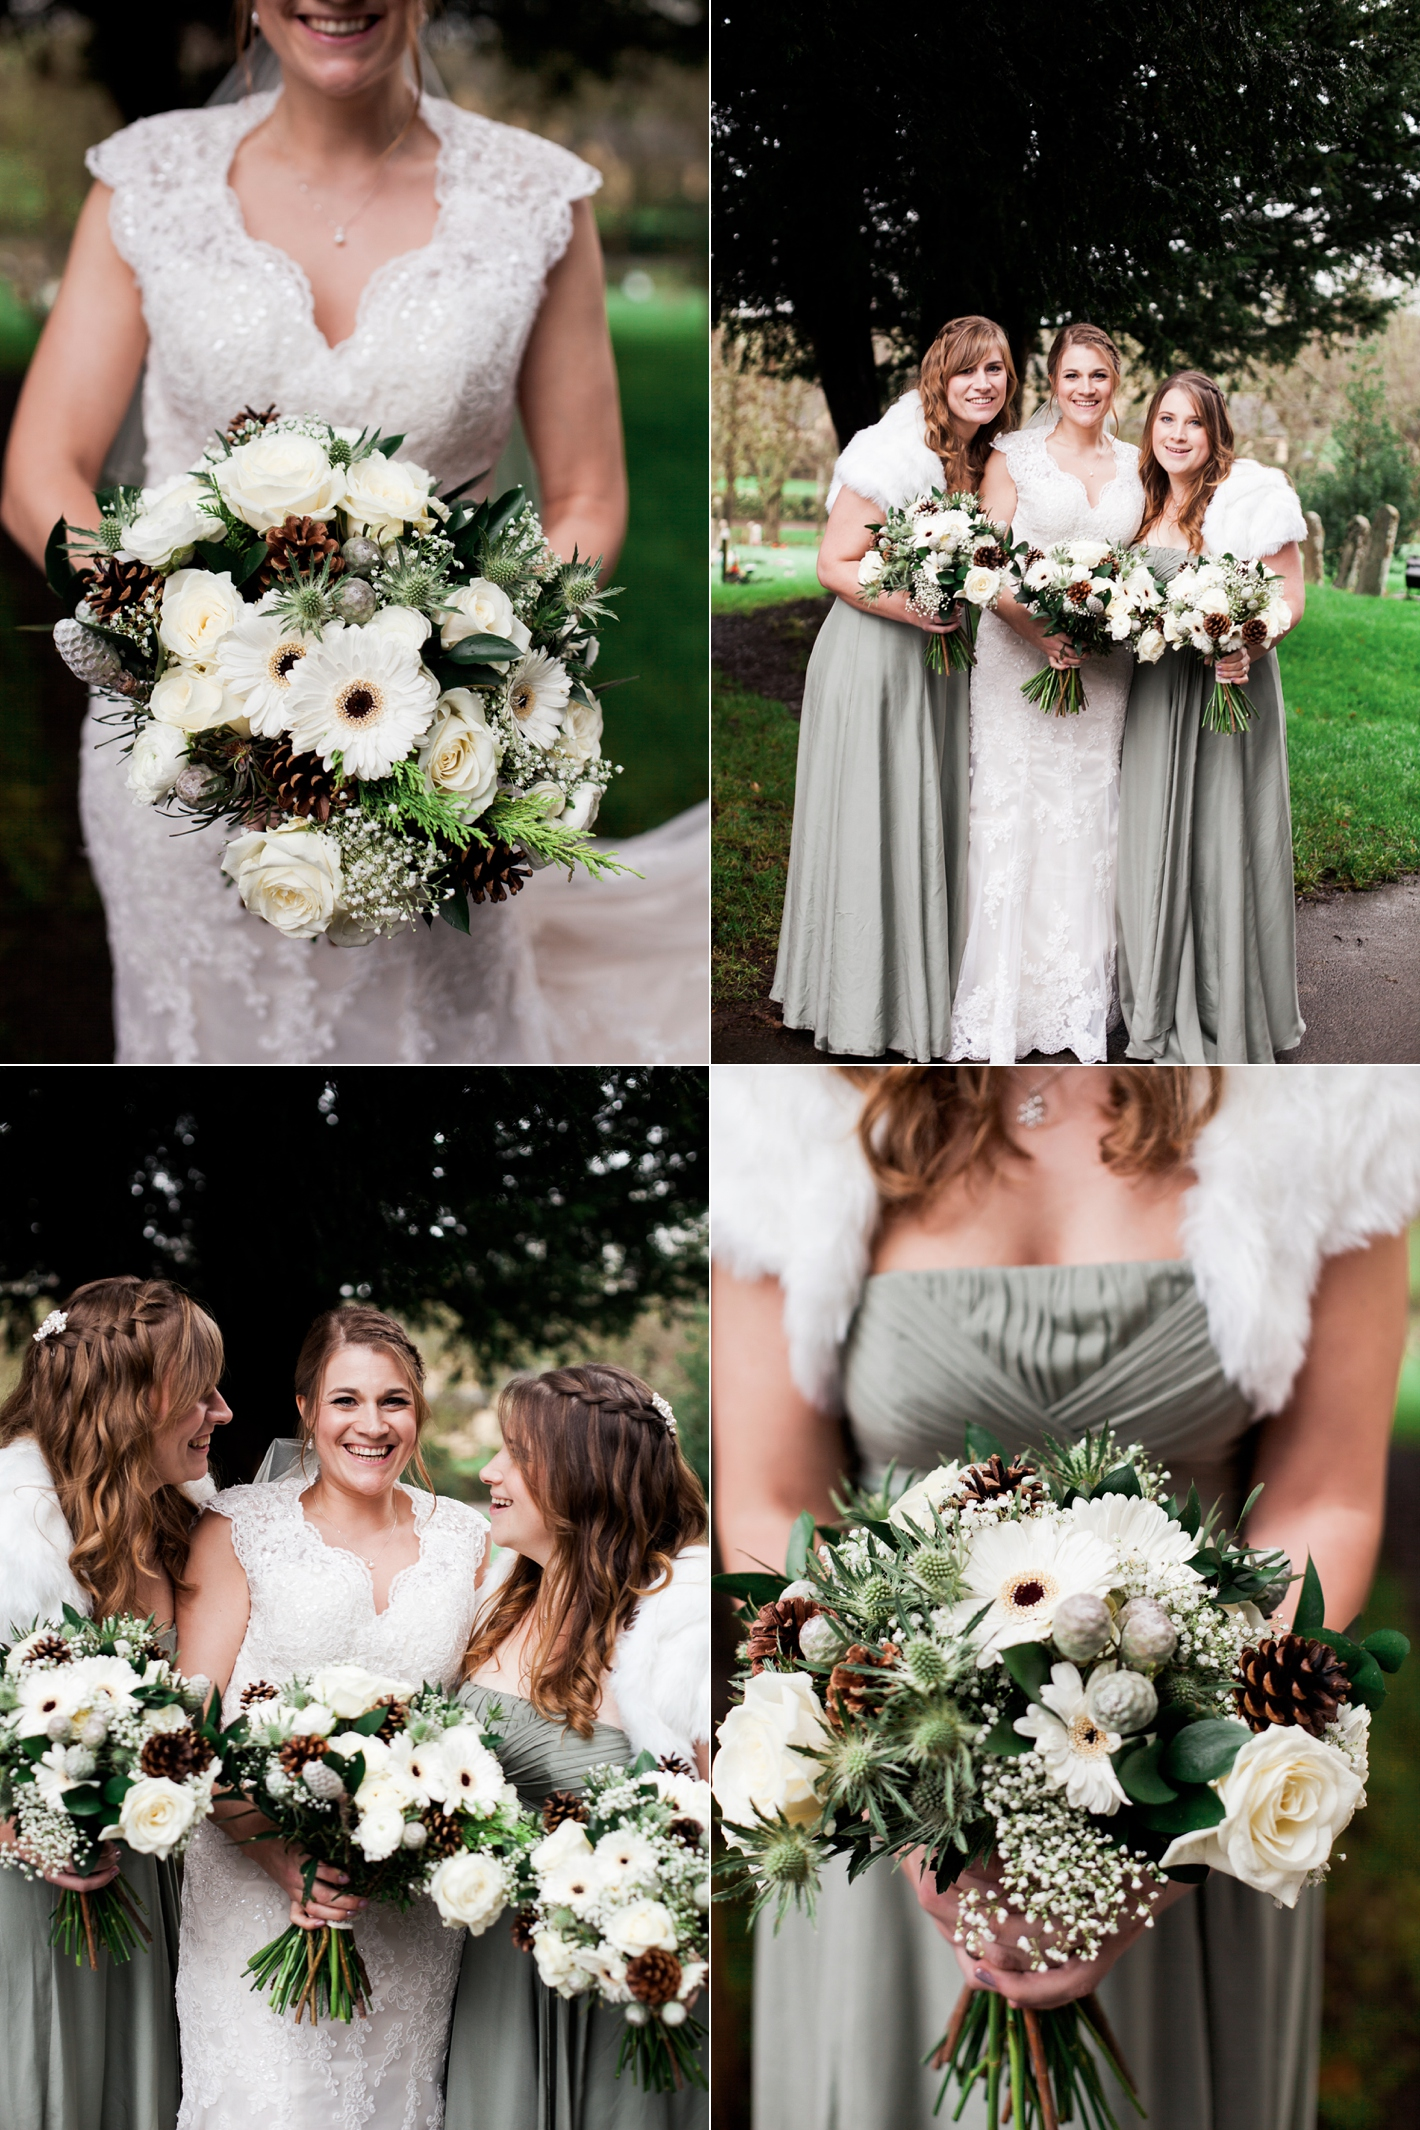 Emily + Tom wedding photography Hampshire Wedding Photographer Lilybean Photography 13